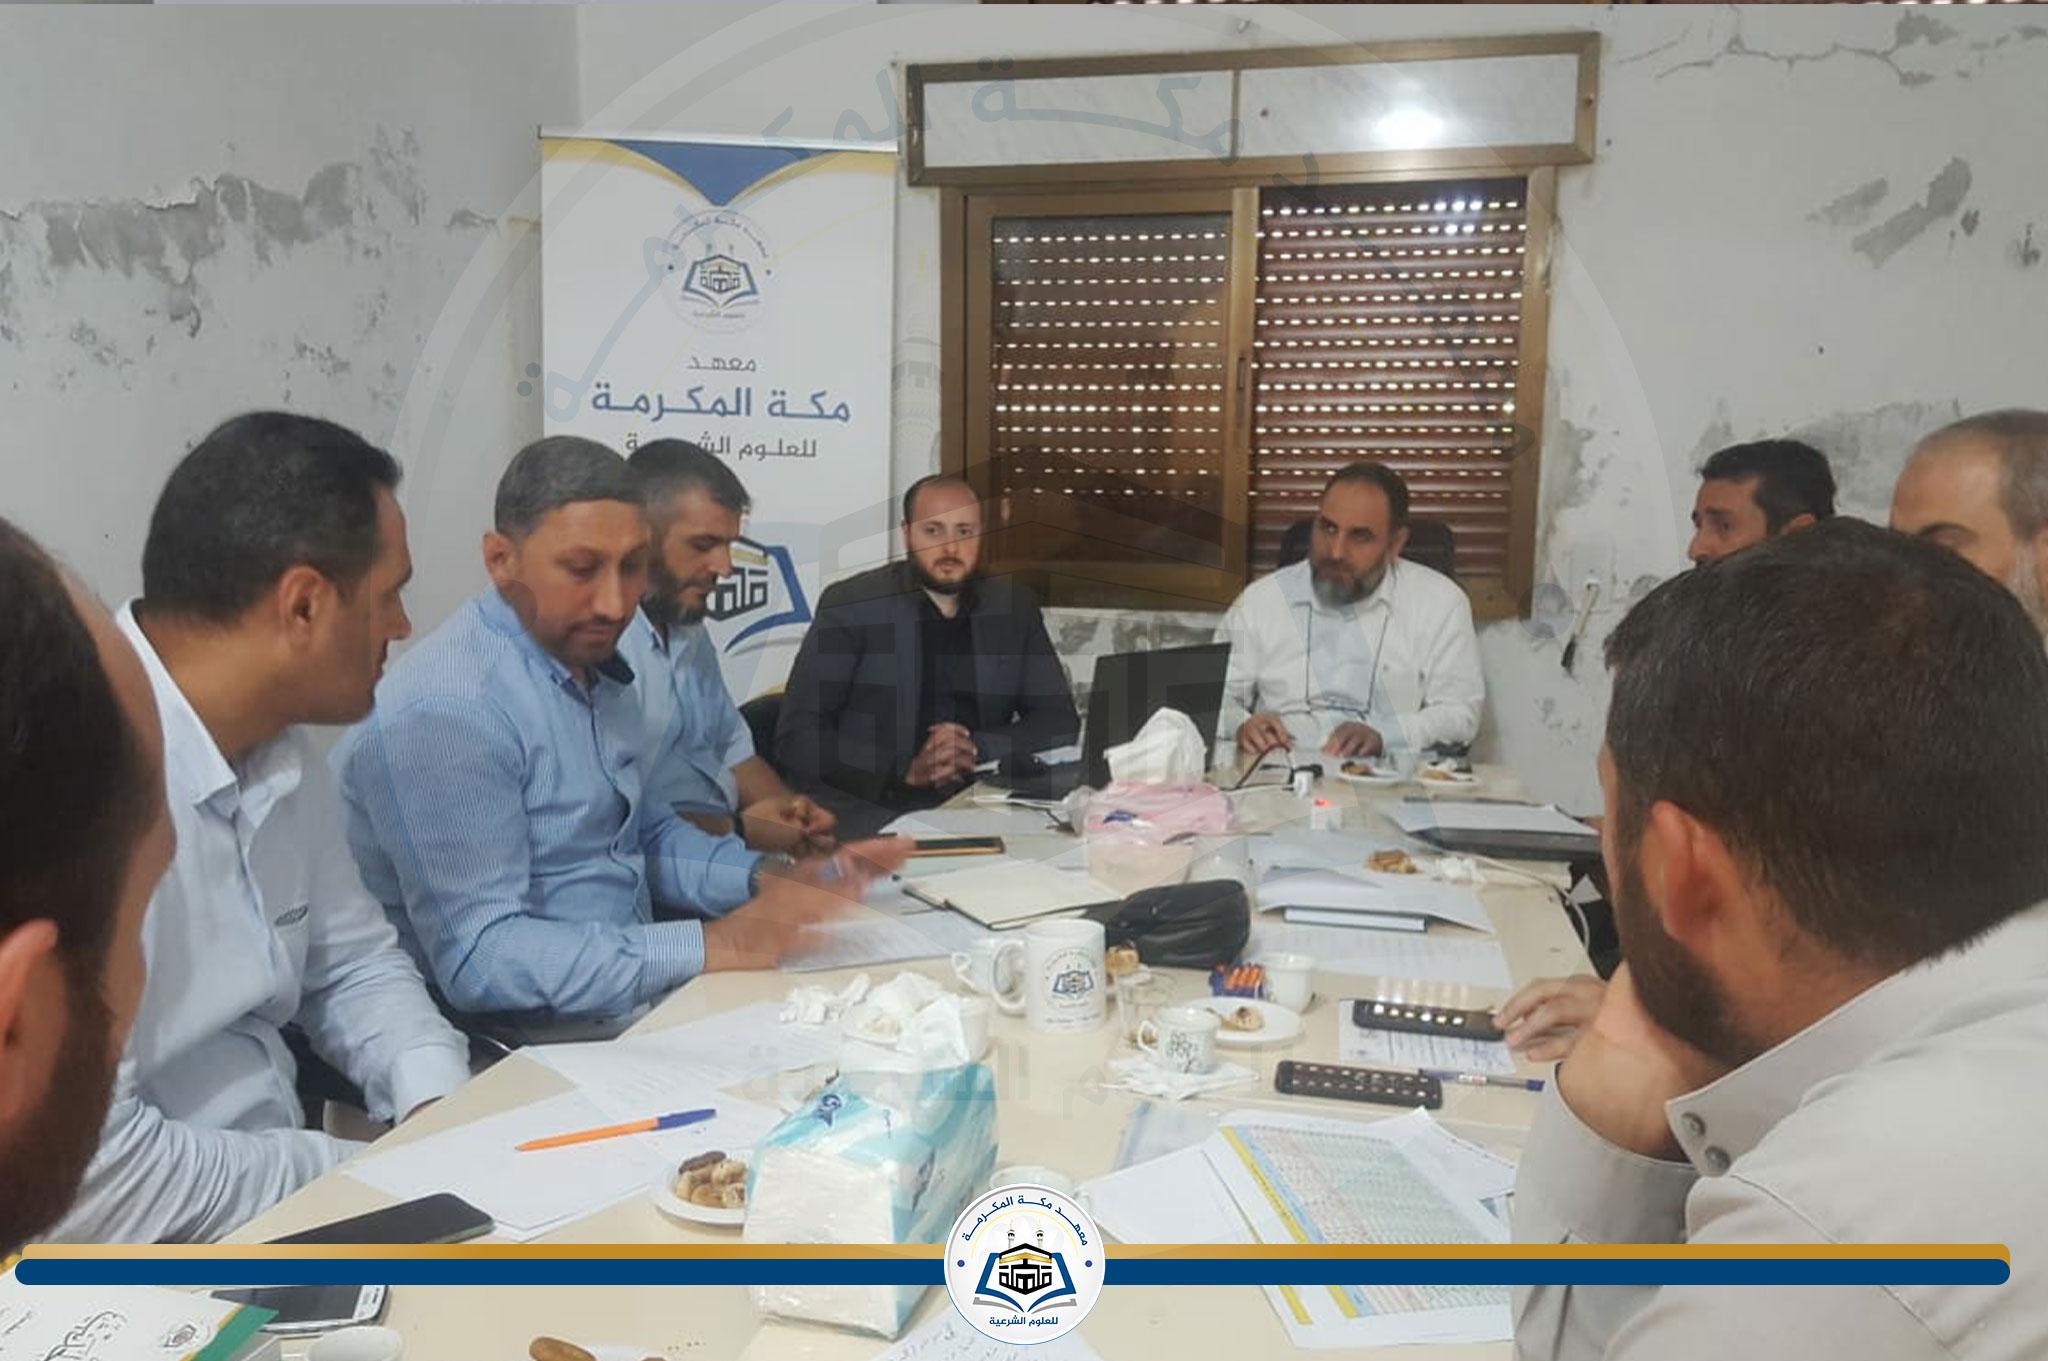 عميد المعهد يزور الشمال السوري المحرر ويلتقي بمديري فروع سوريا